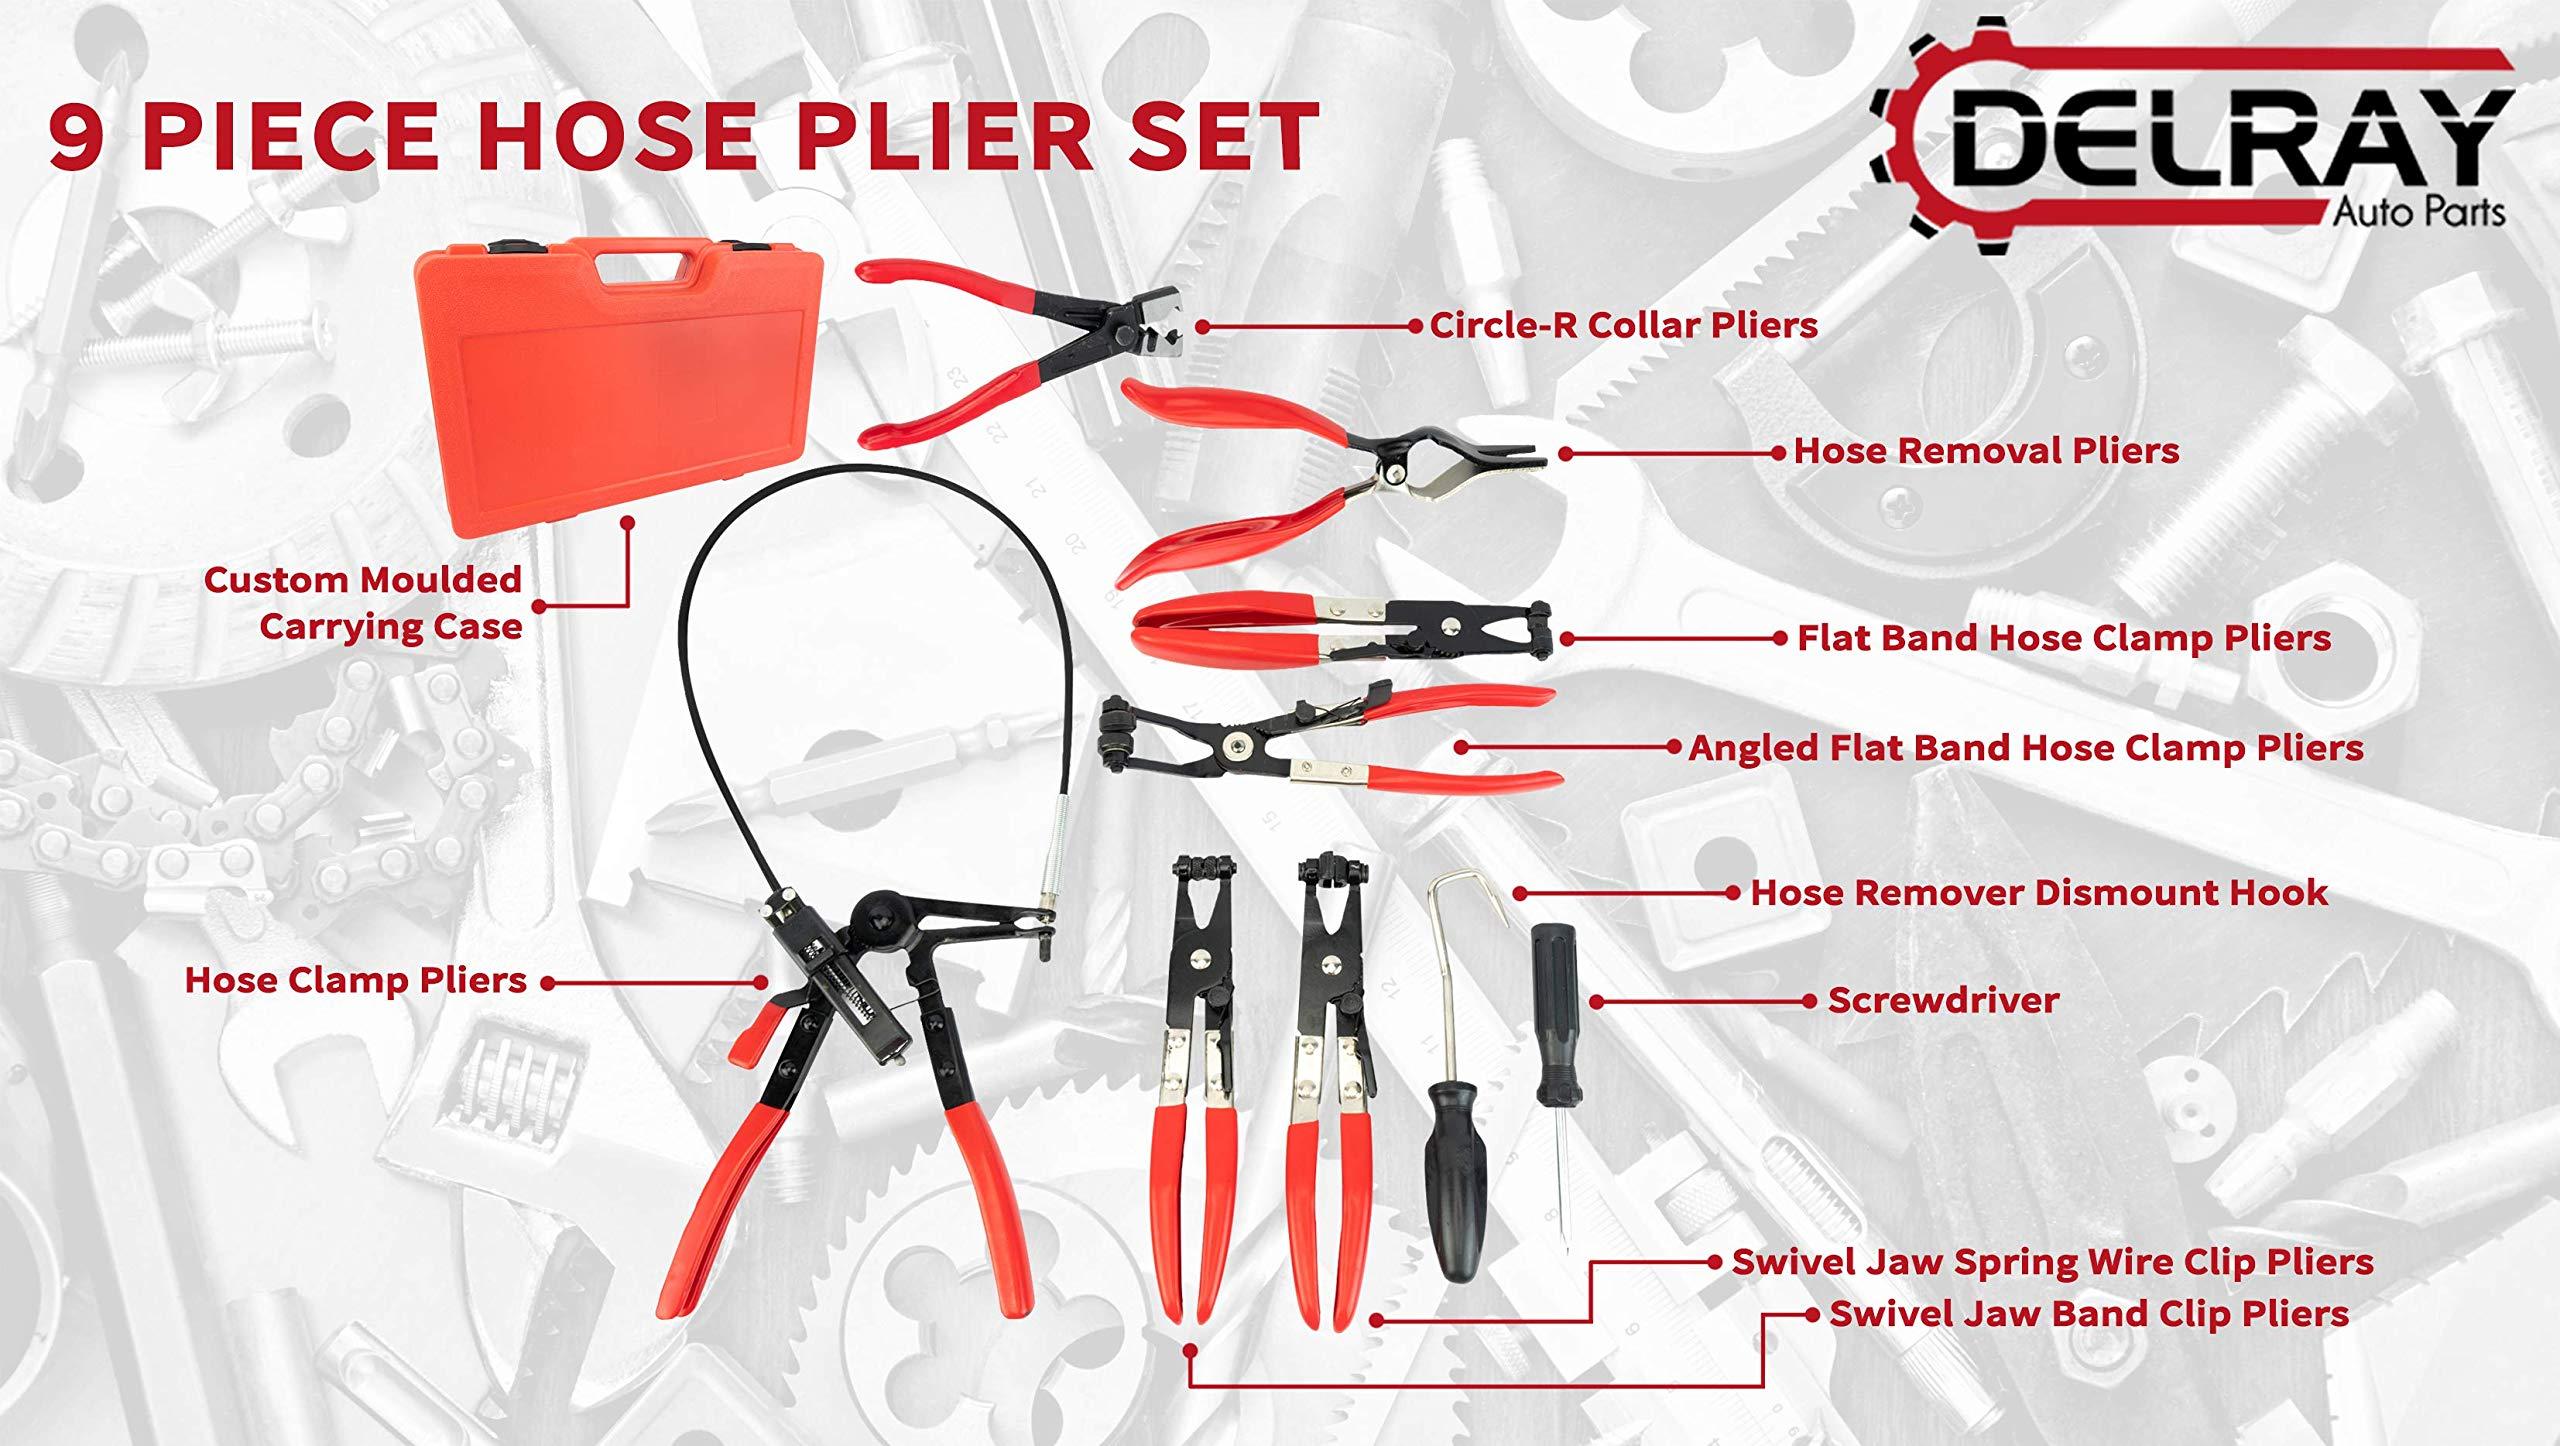 Delray Auto Parts 9pc Hose Plier Set by Delray Auto Parts (Image #3)